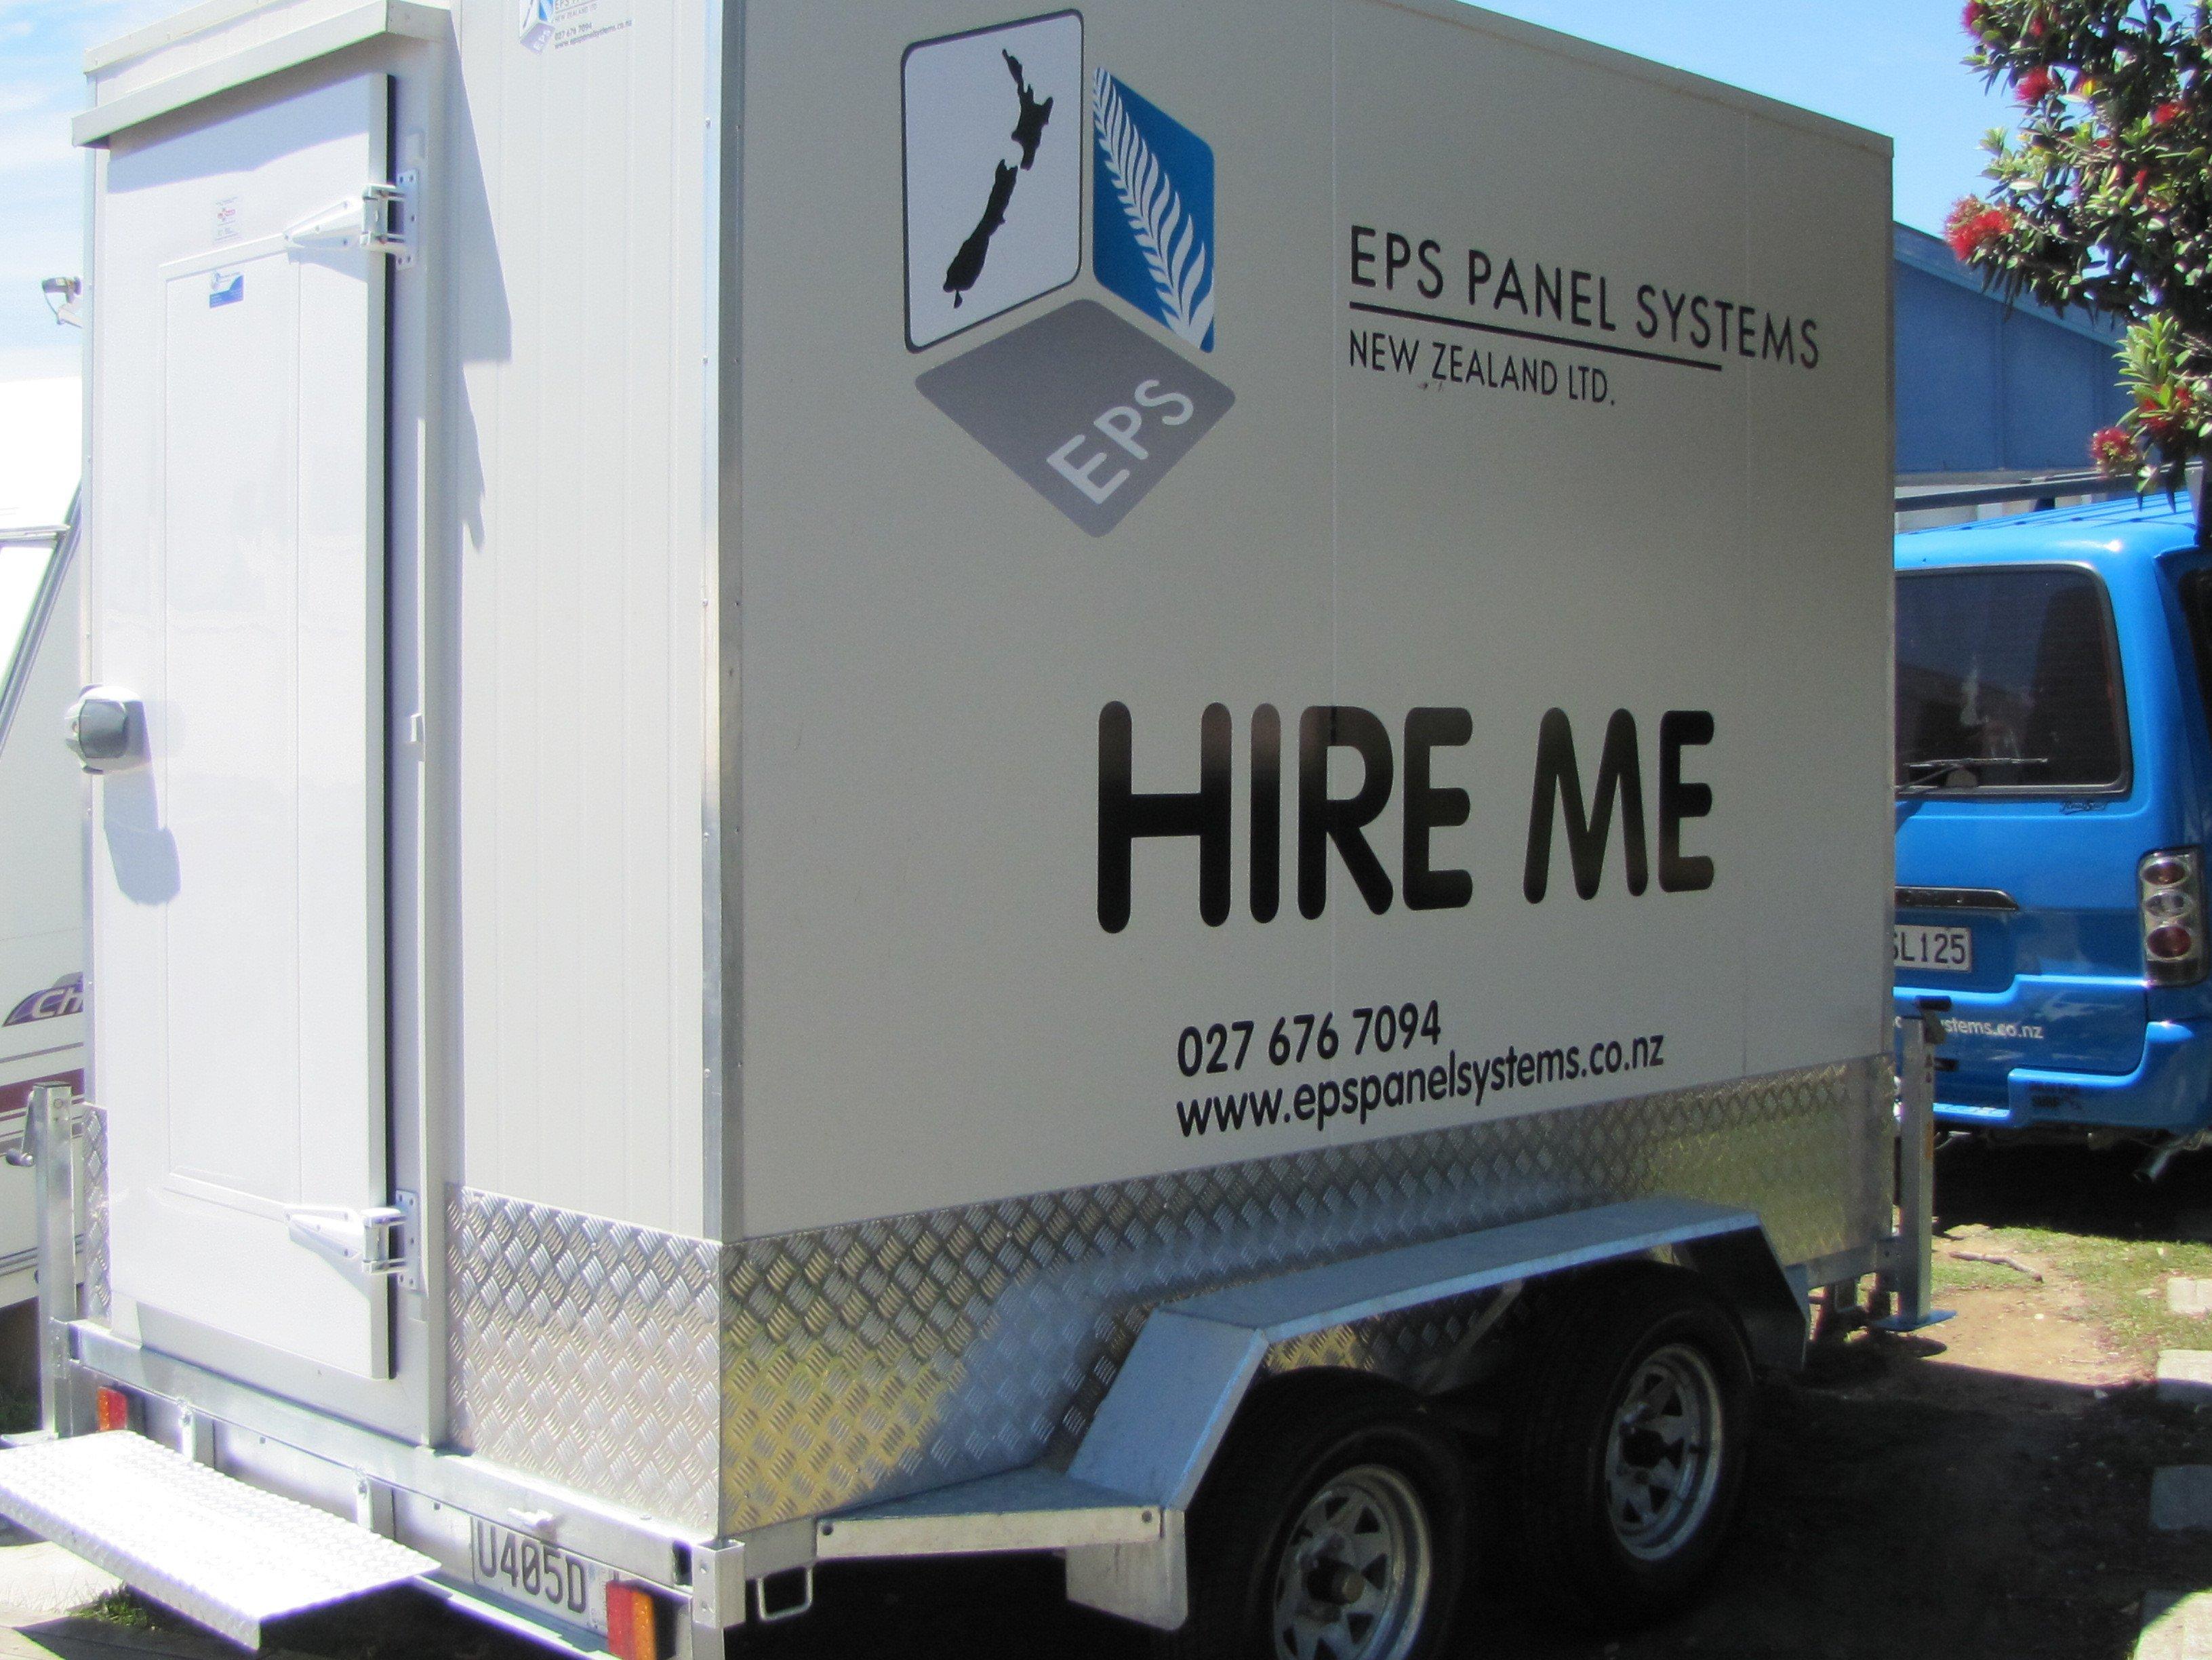 EPS Panel System vehicle